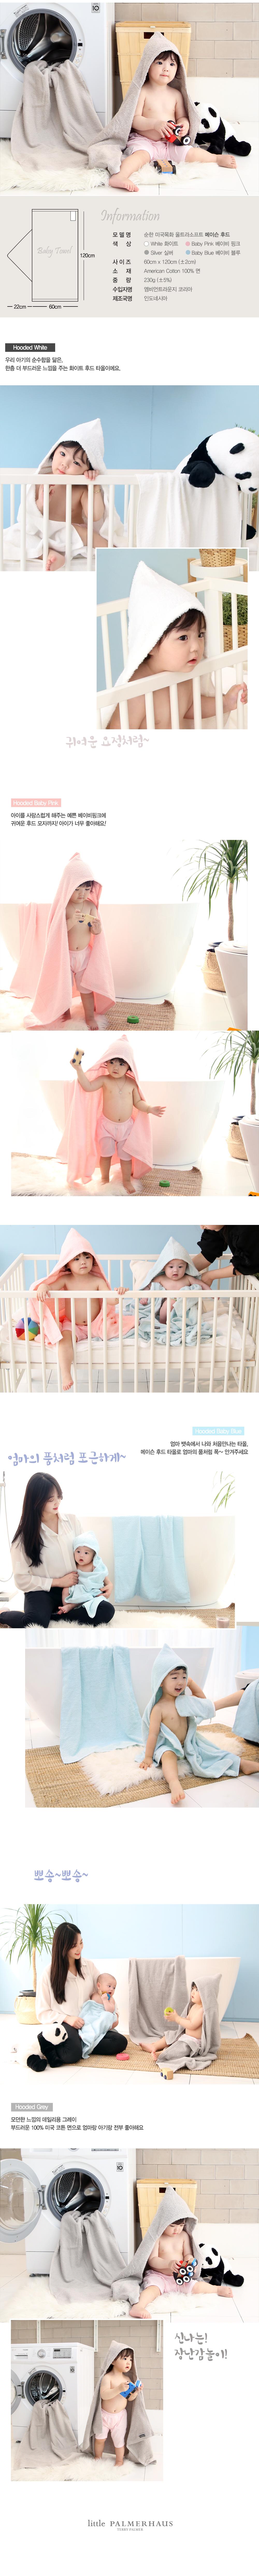 메이슨 후드타올 오가닉 울트라소프트 아기목욕가운 1장 - 테리파머, 42,000원, 목욕용품, 타월/가운